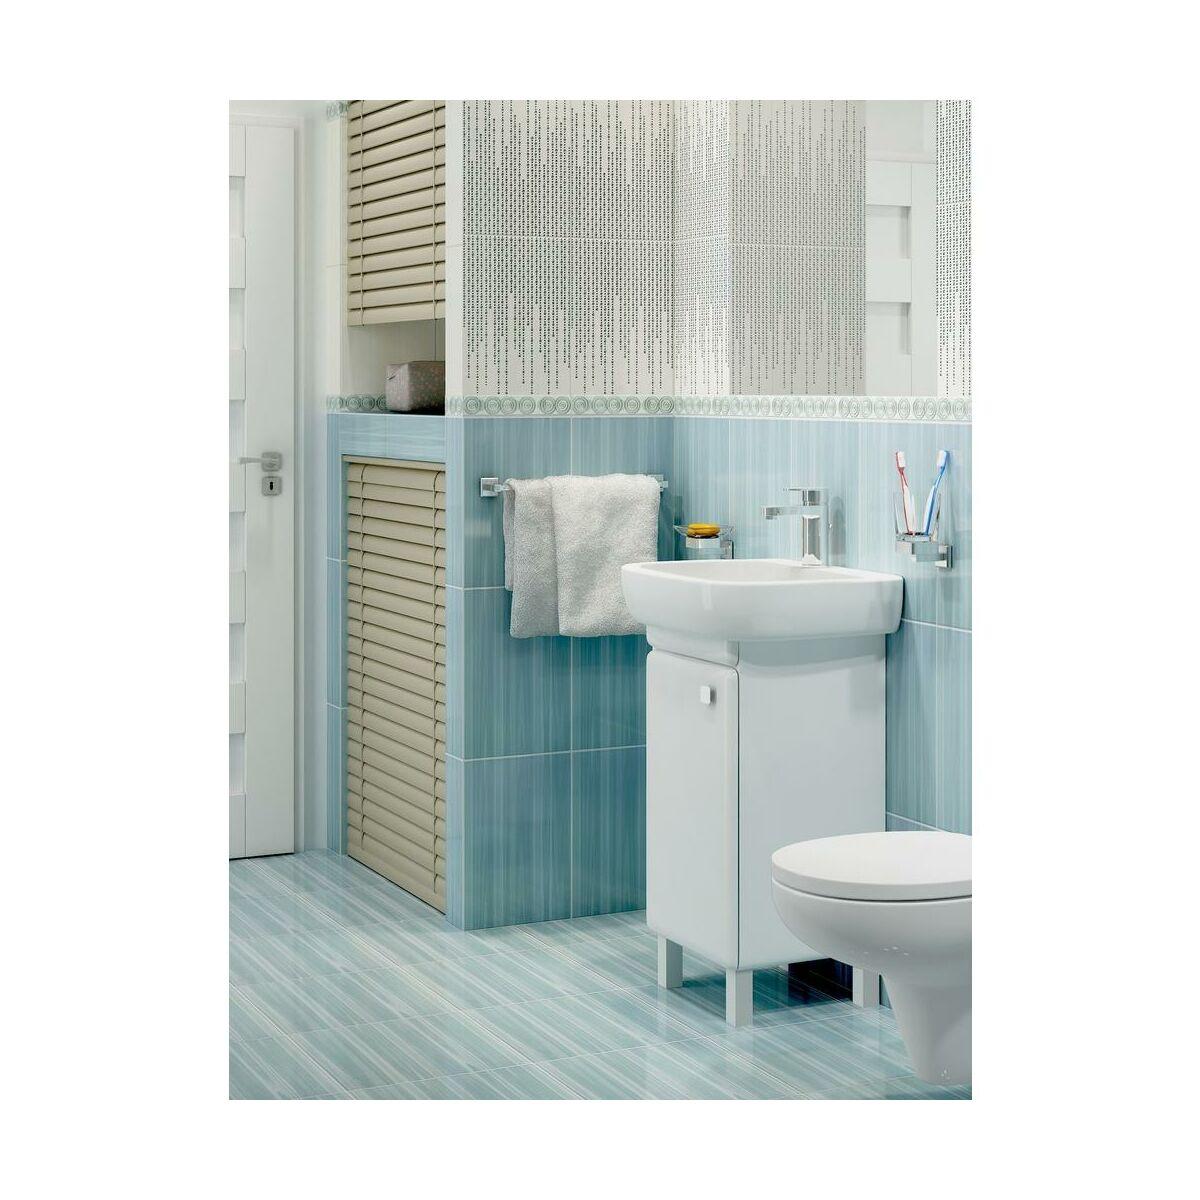 umywalka facile 50 cm cersanit umywalki w atrakcyjnej. Black Bedroom Furniture Sets. Home Design Ideas